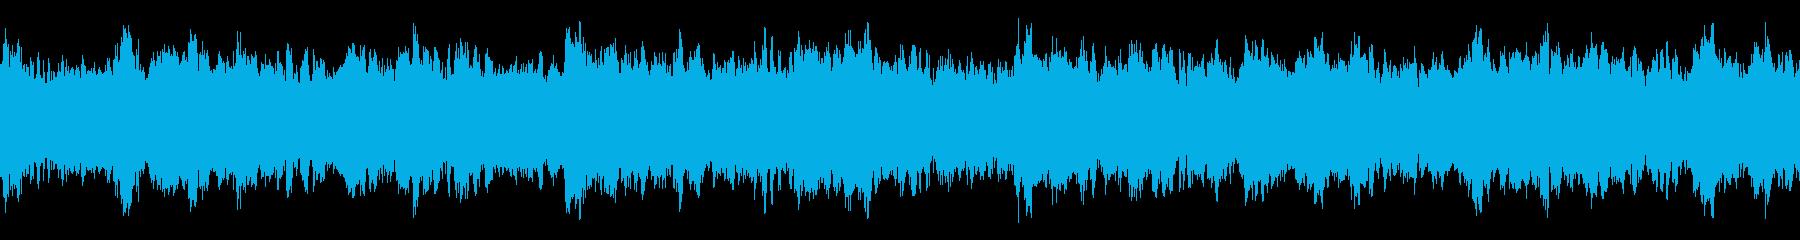 ホラー謎解き不可解静か・ループシンセの再生済みの波形